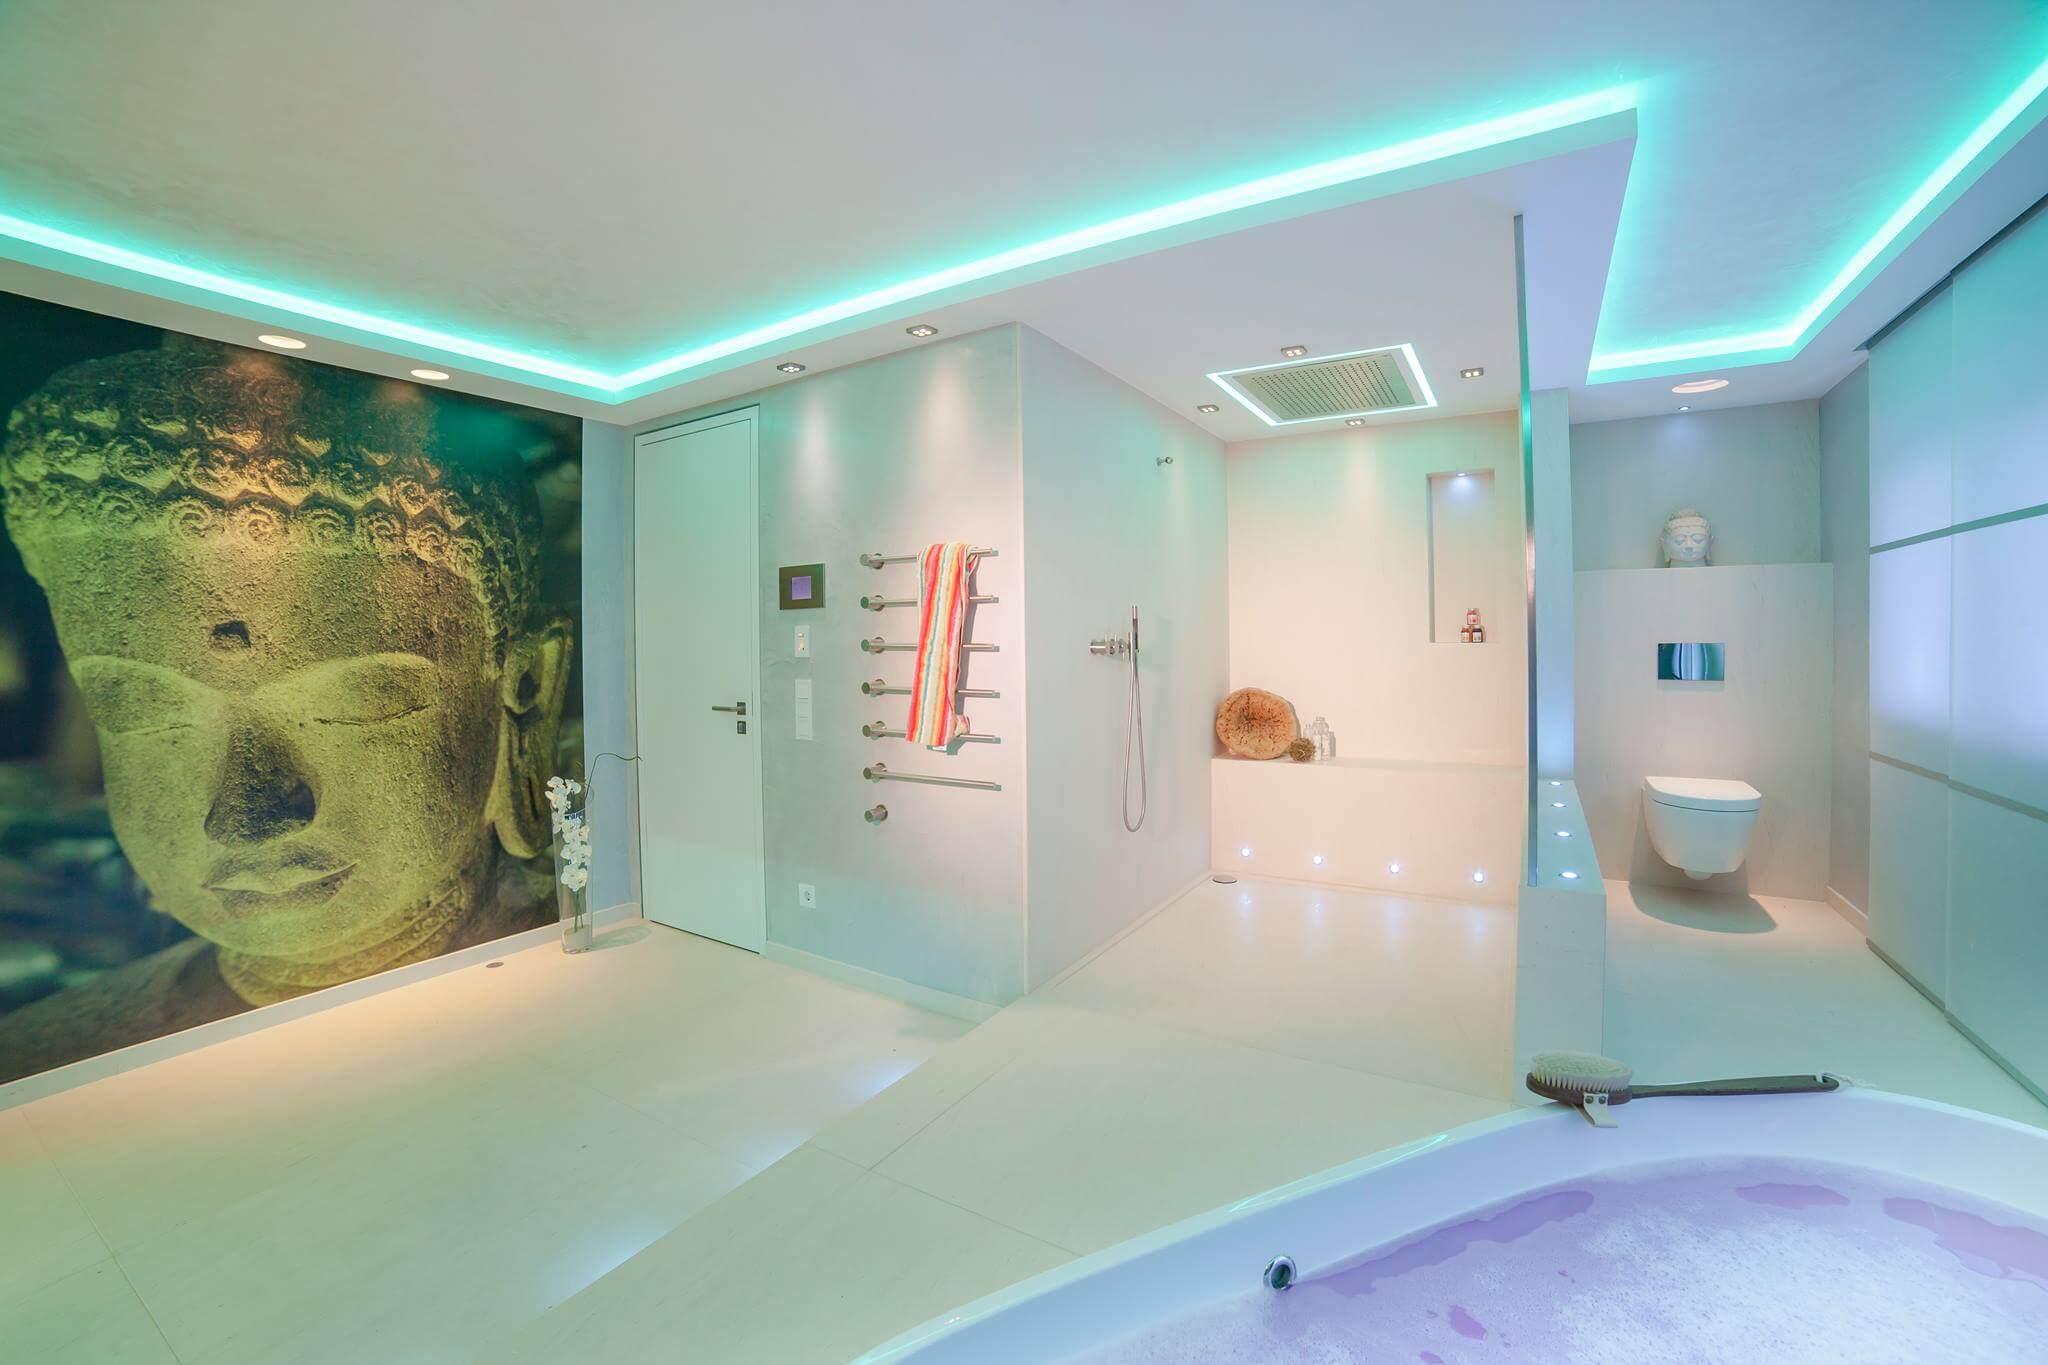 Wohnrume und Lichtbad Vom Reihenhaus zum exklusiven Wohntraum